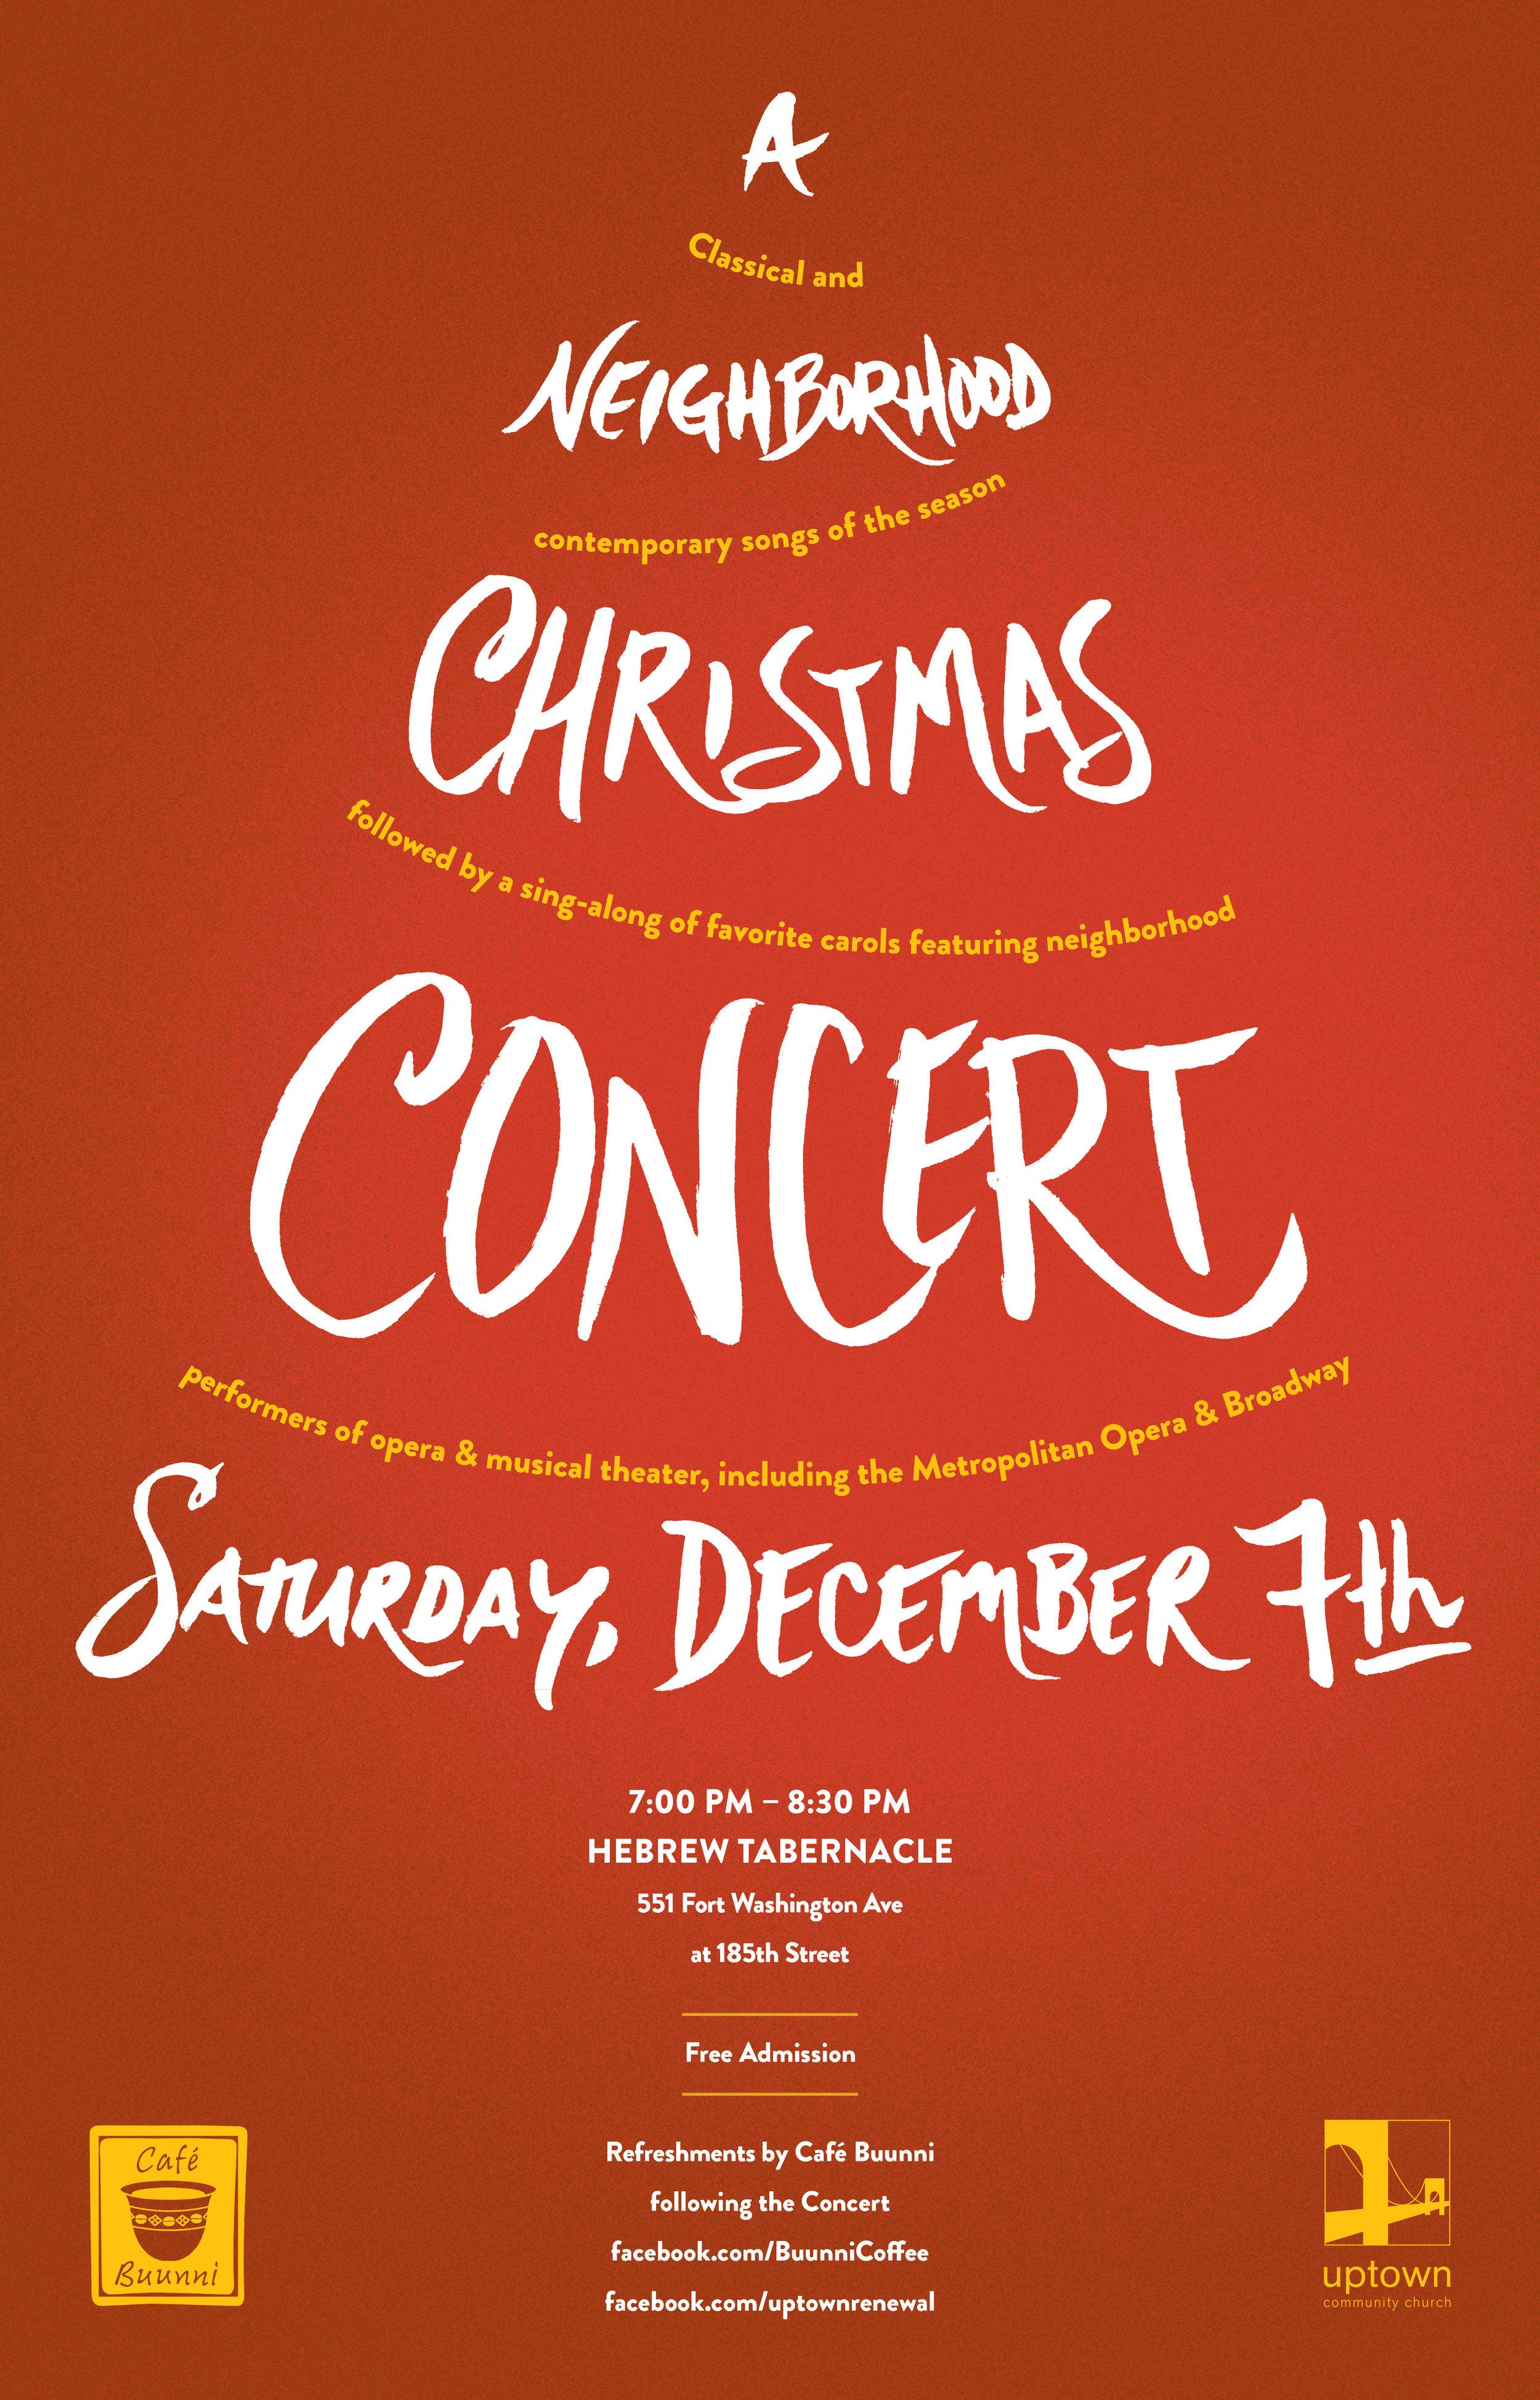 2013_Uptown_ChristmasConcert.jpg